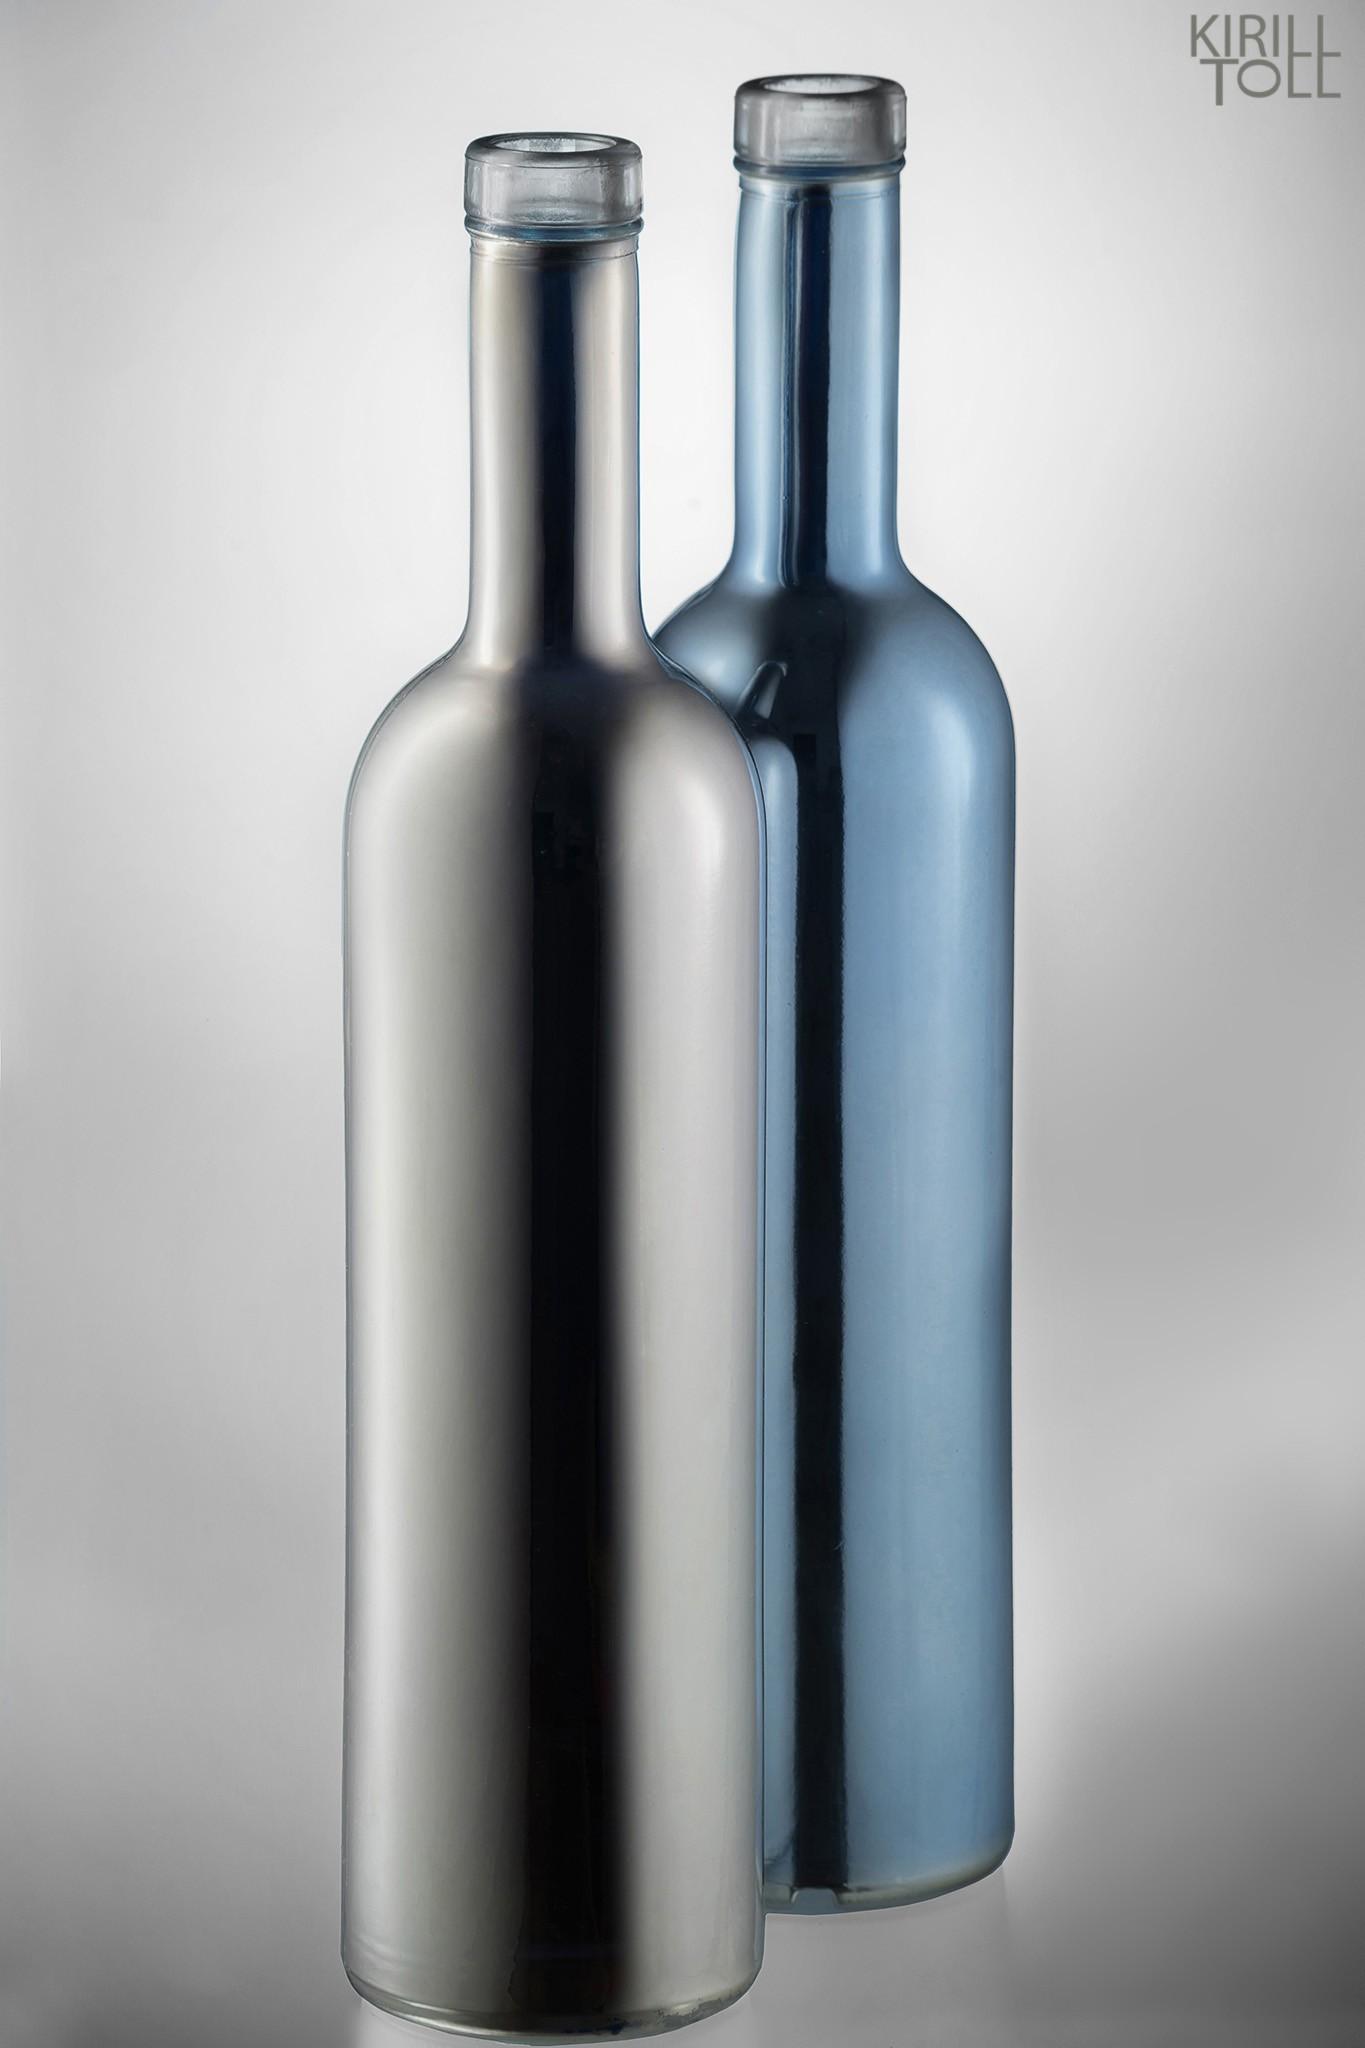 Предметы из стекла и зеркальные поверхности в портфолио фотографа